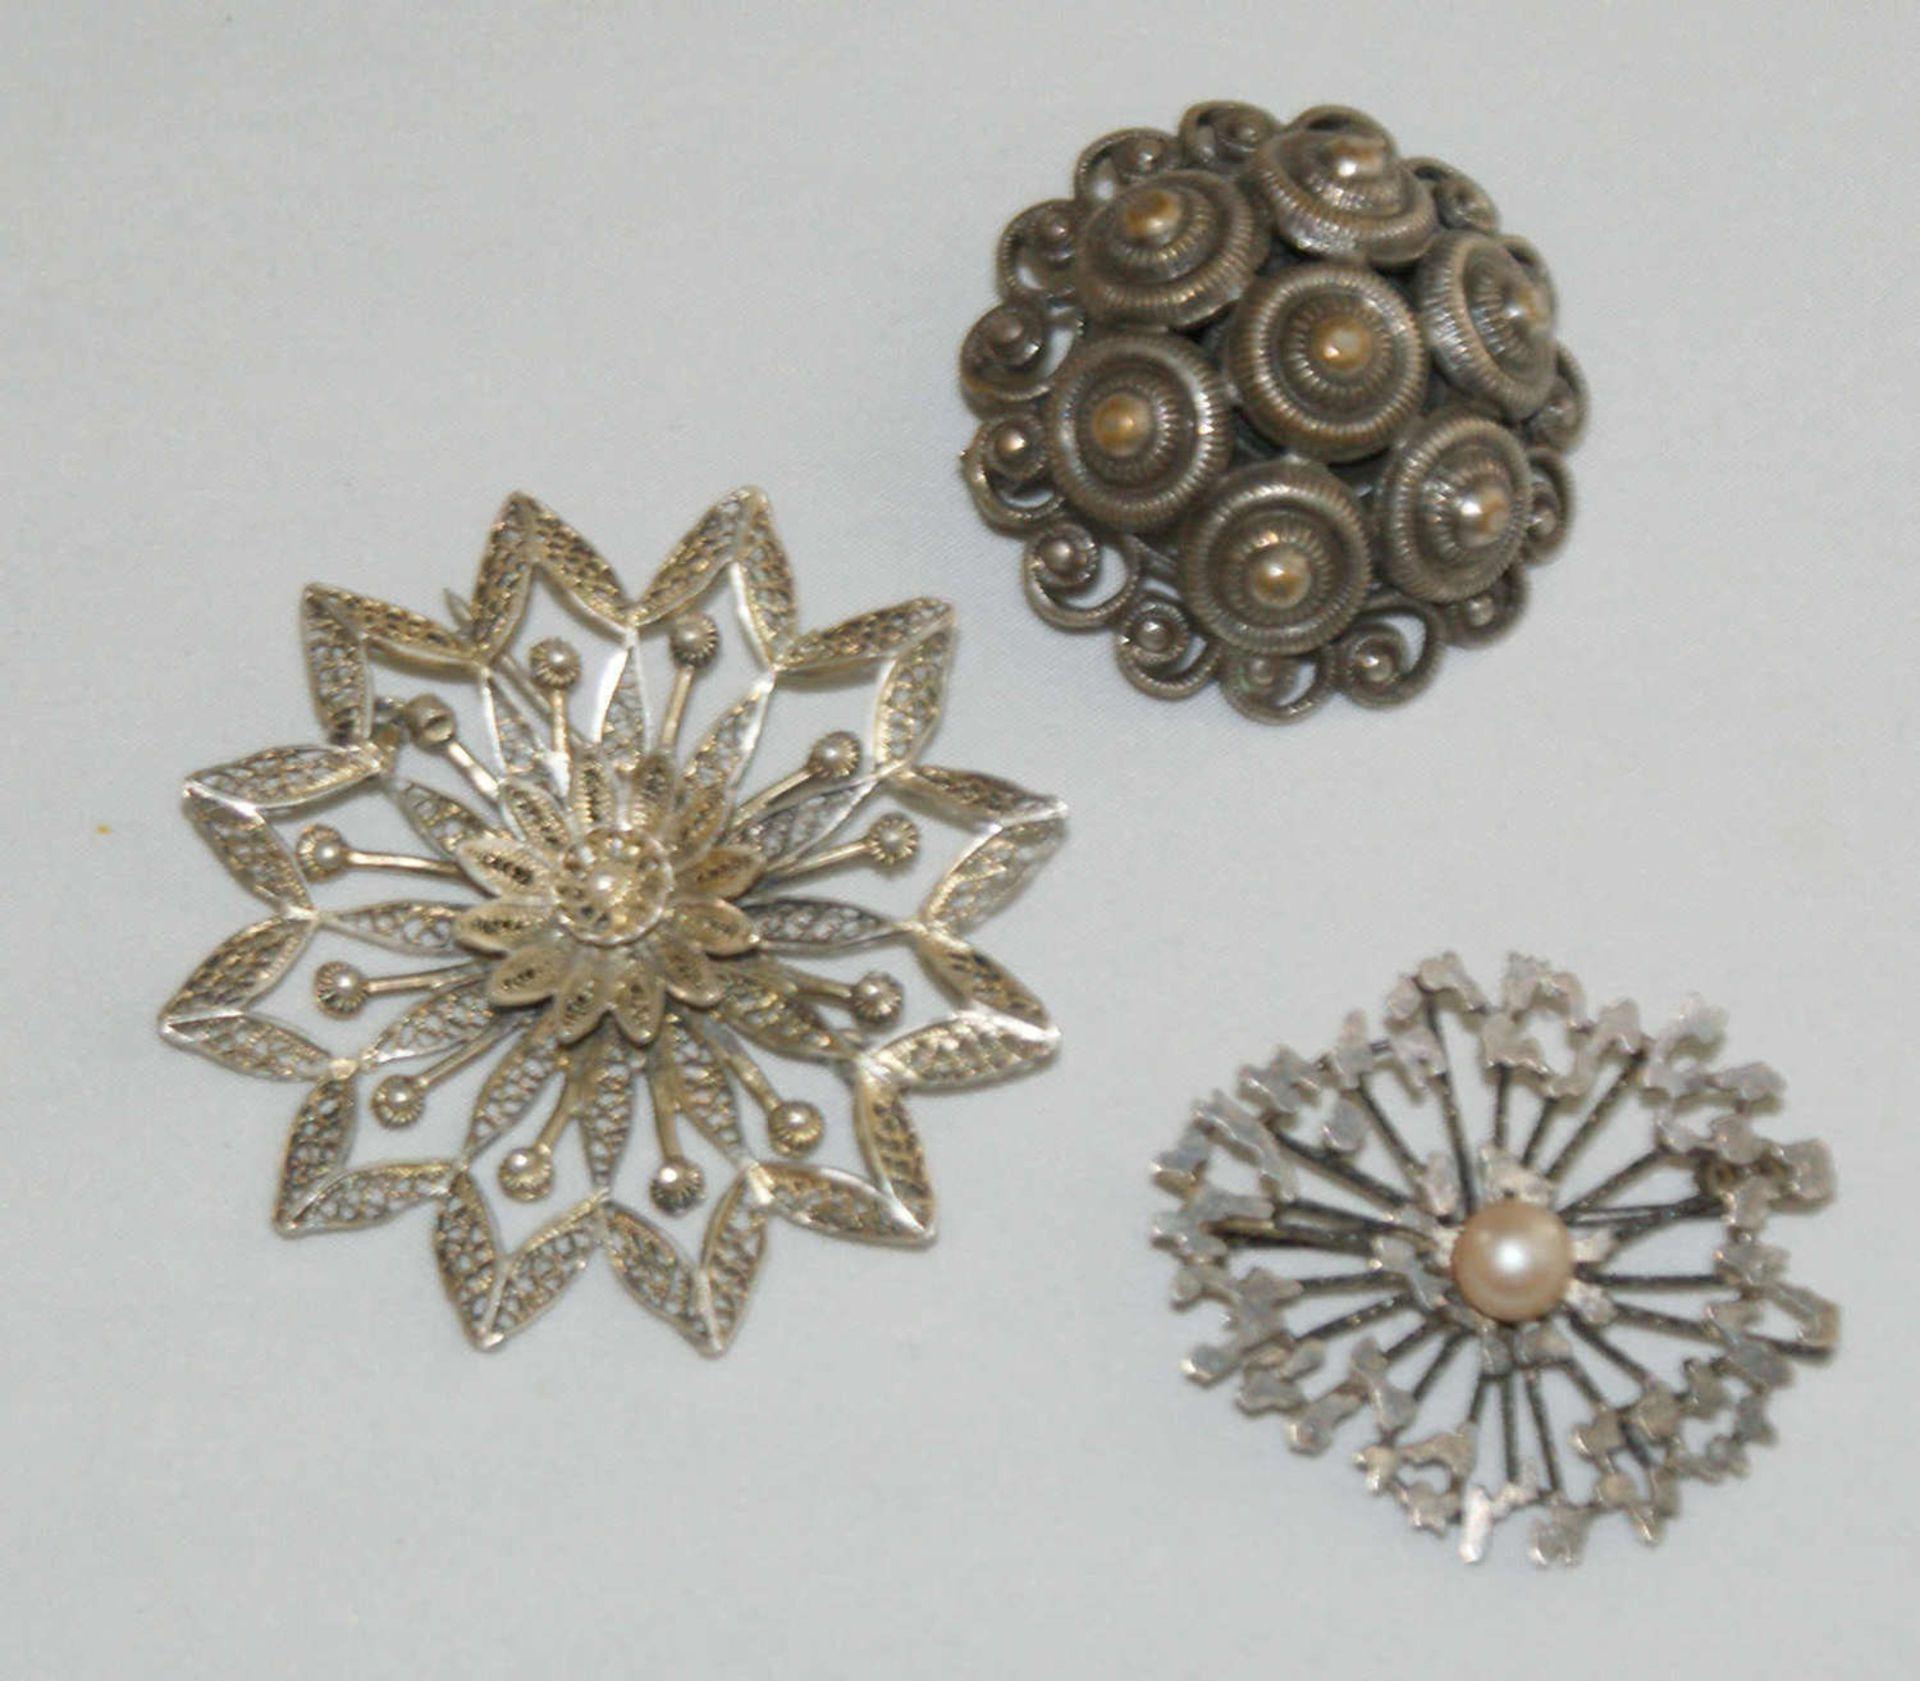 3 alte Silberbroschen, 1 besetzt mit 1 Perle. Bei einer Brosche Verschluß defekt. Gewicht ca. 23